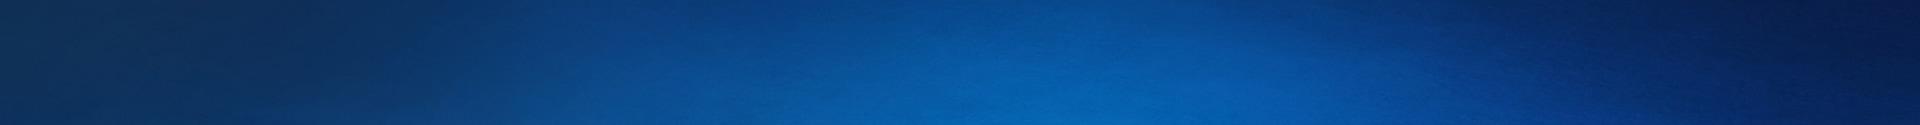 coupons bannière bleu